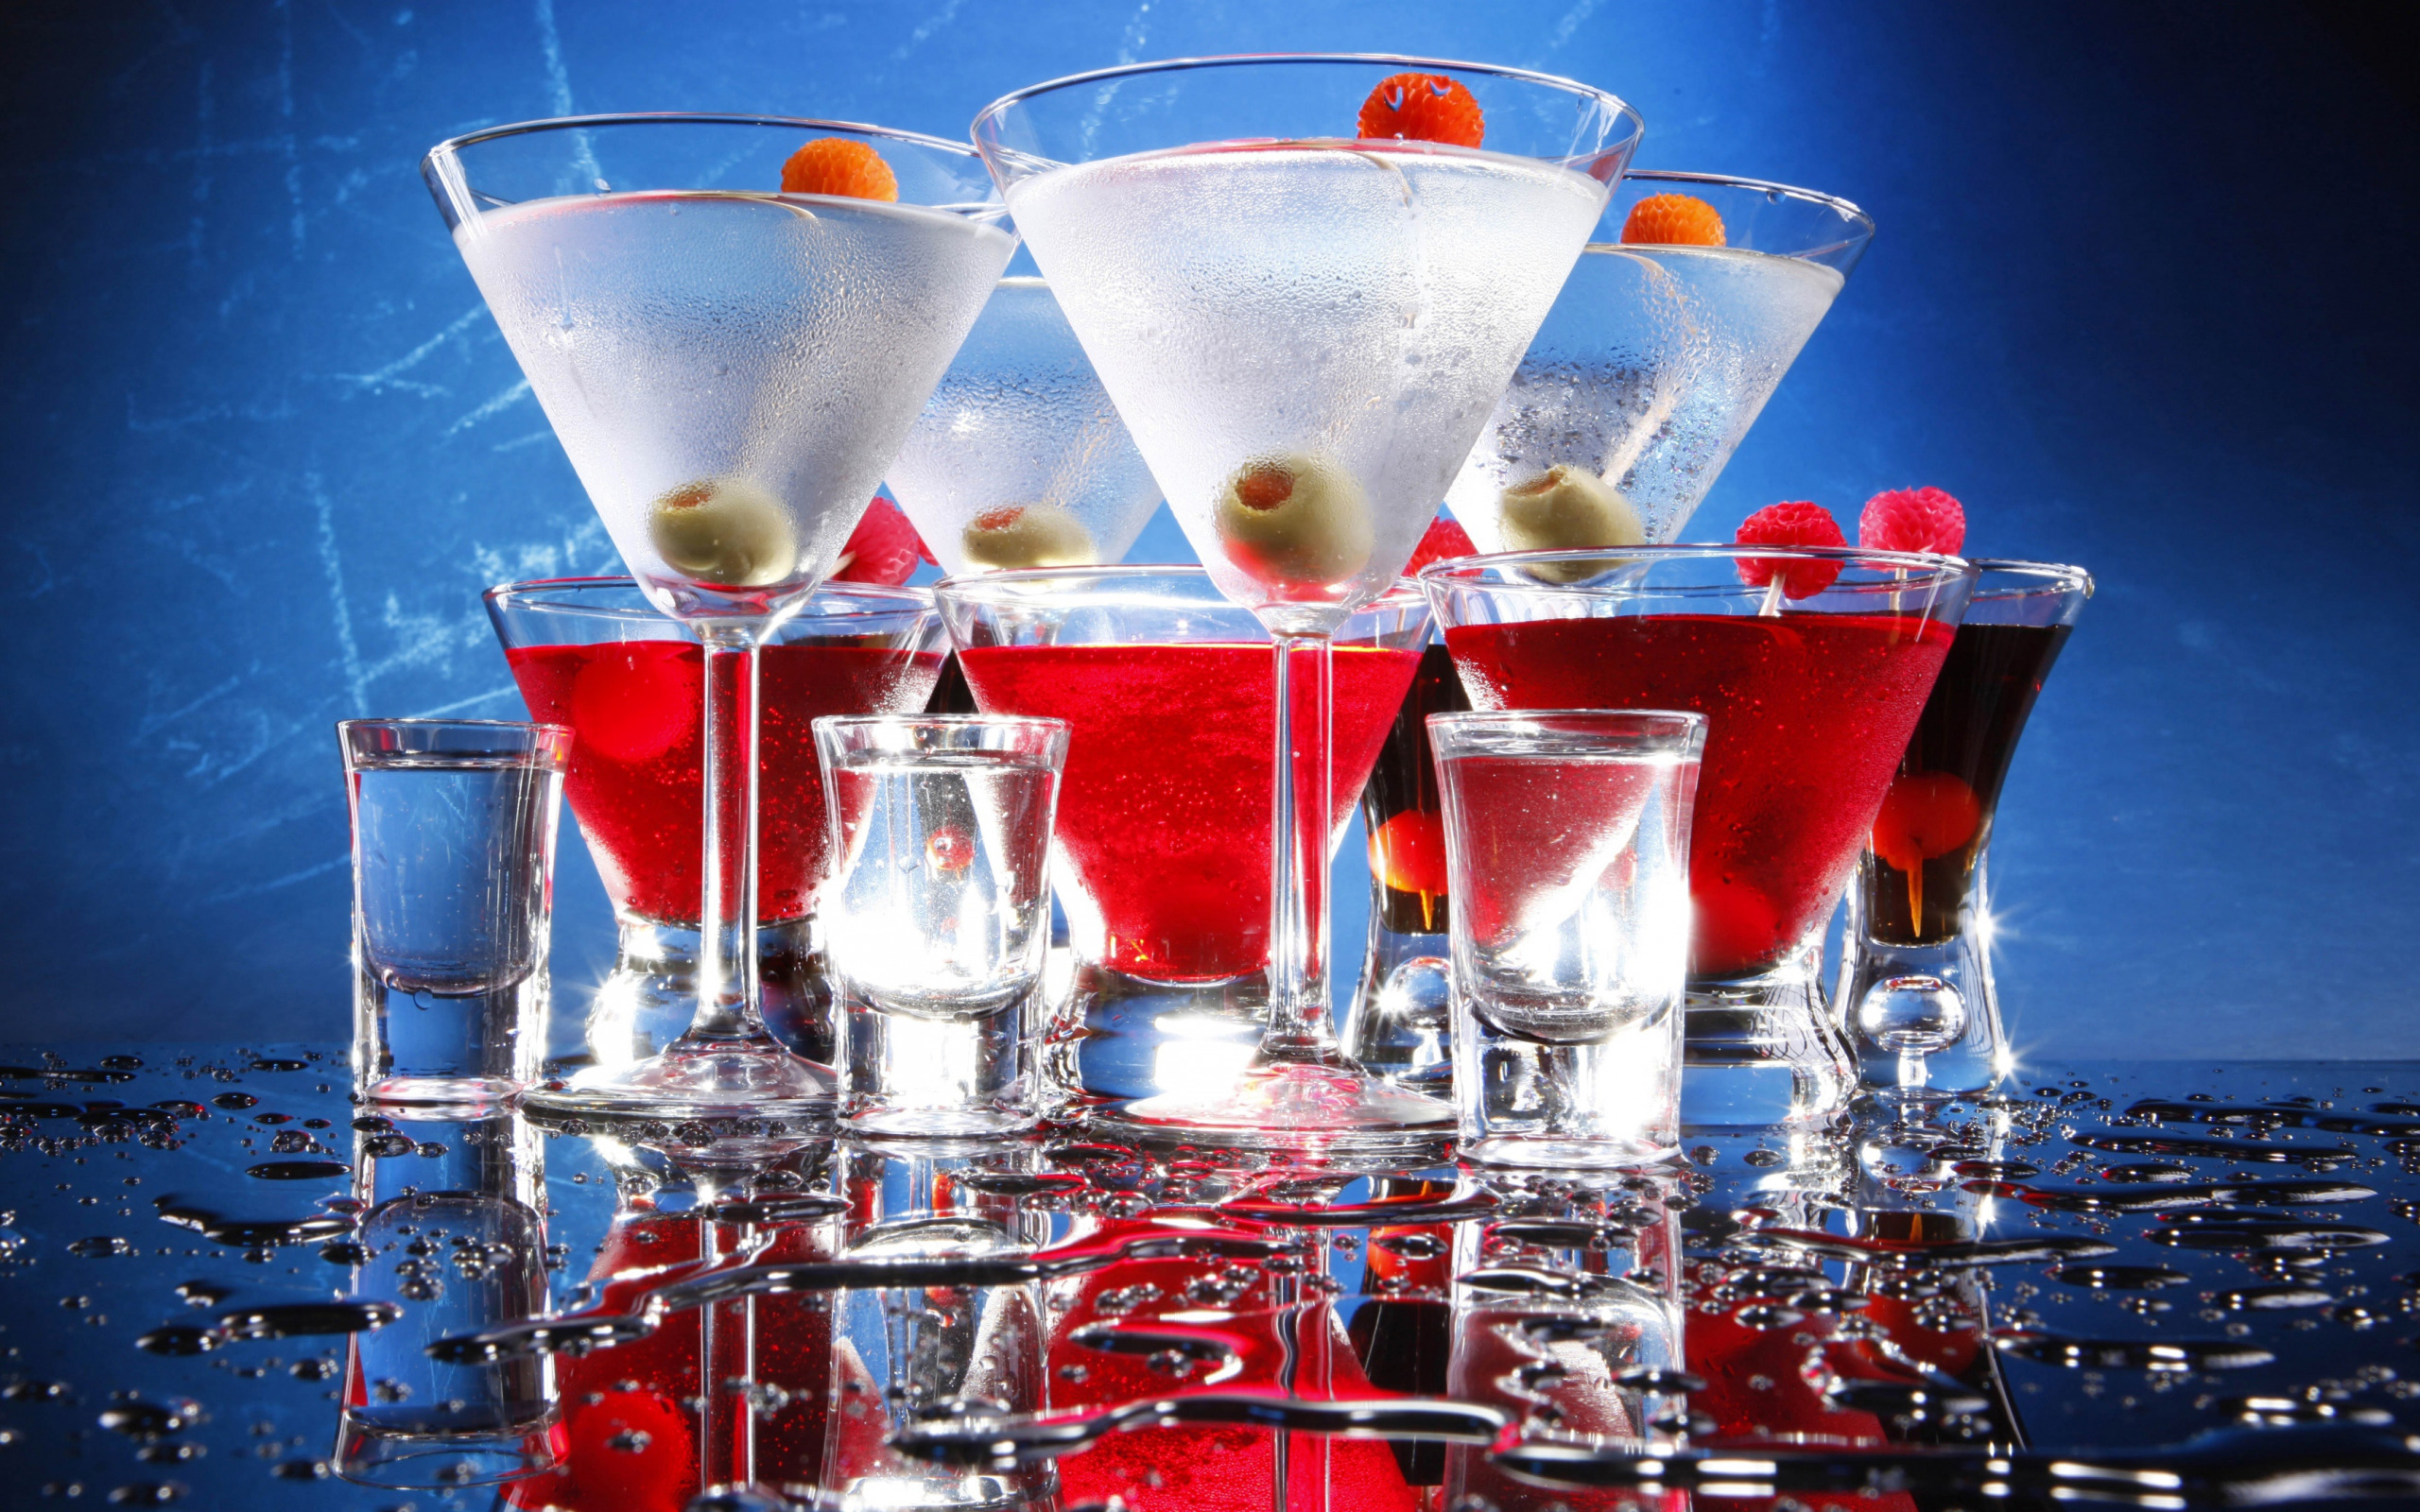 утверждают, что алкоголь мира в картинках лиман полученных